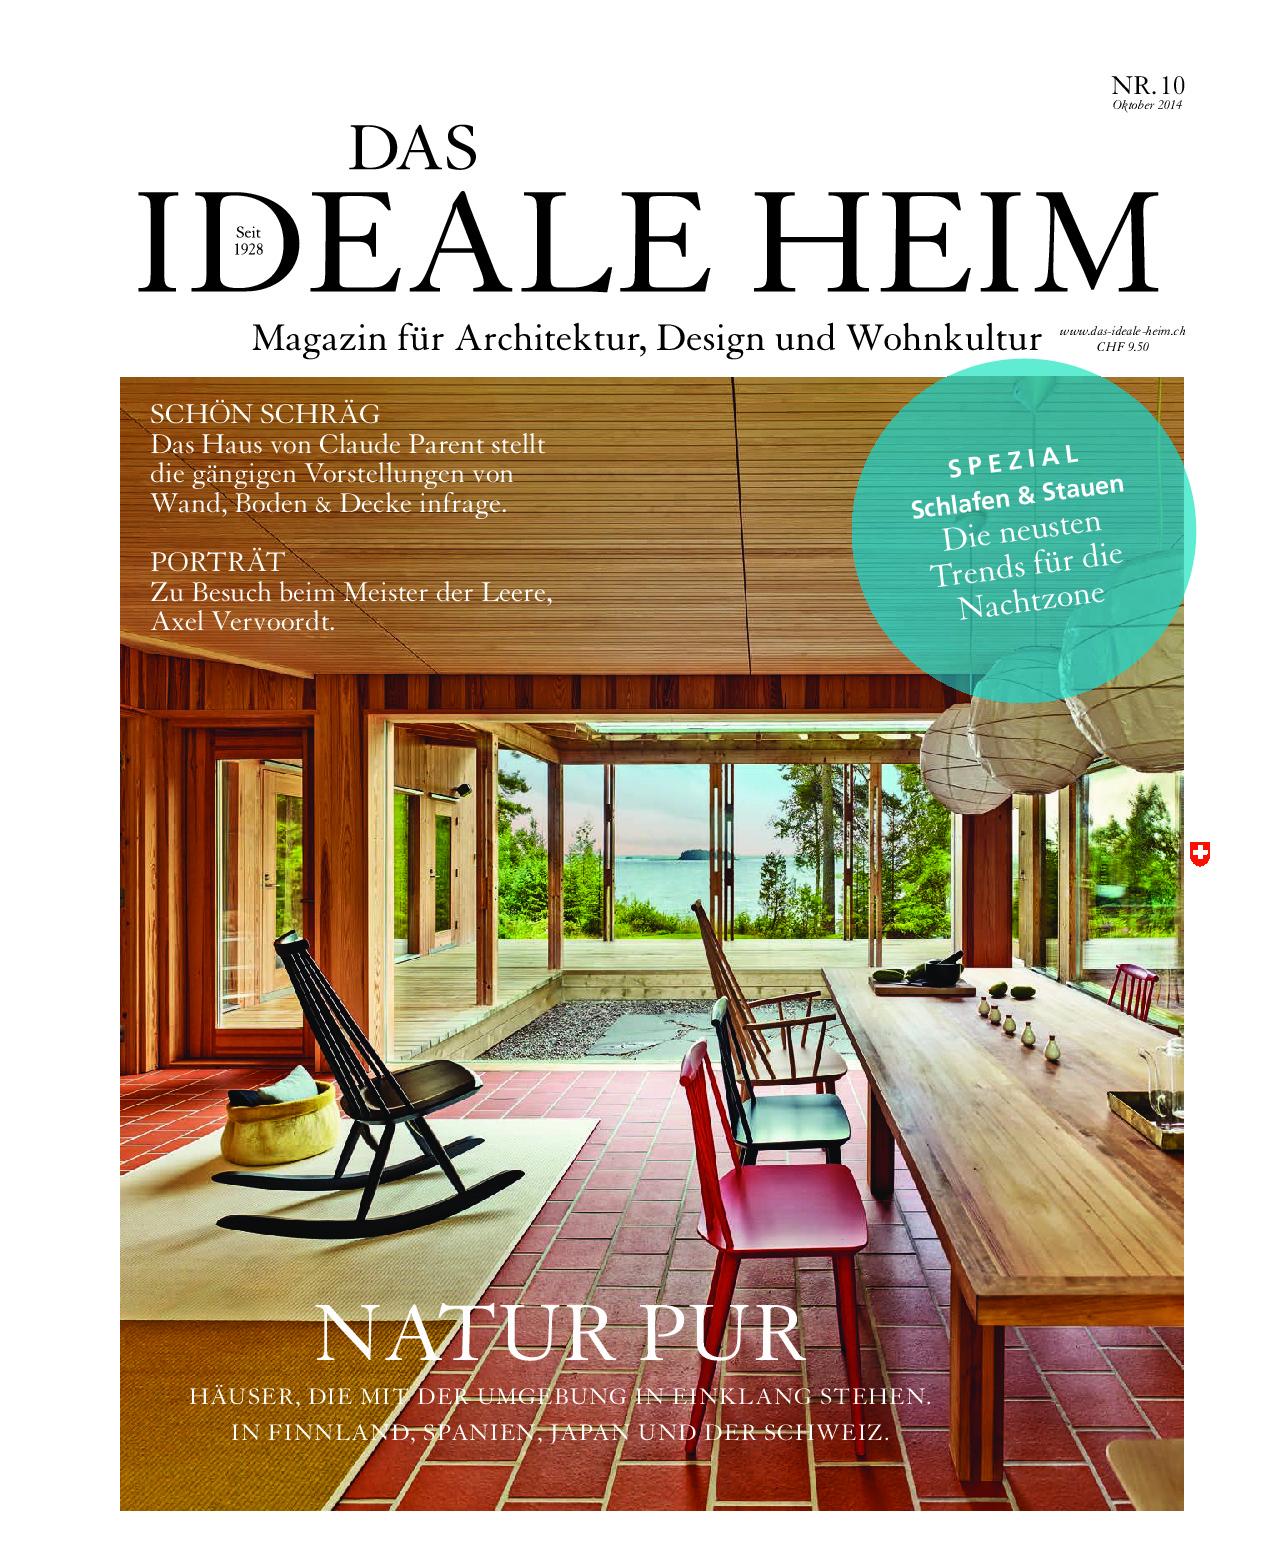 Suisse_Das_Ideale_Heim_oct_2014-0